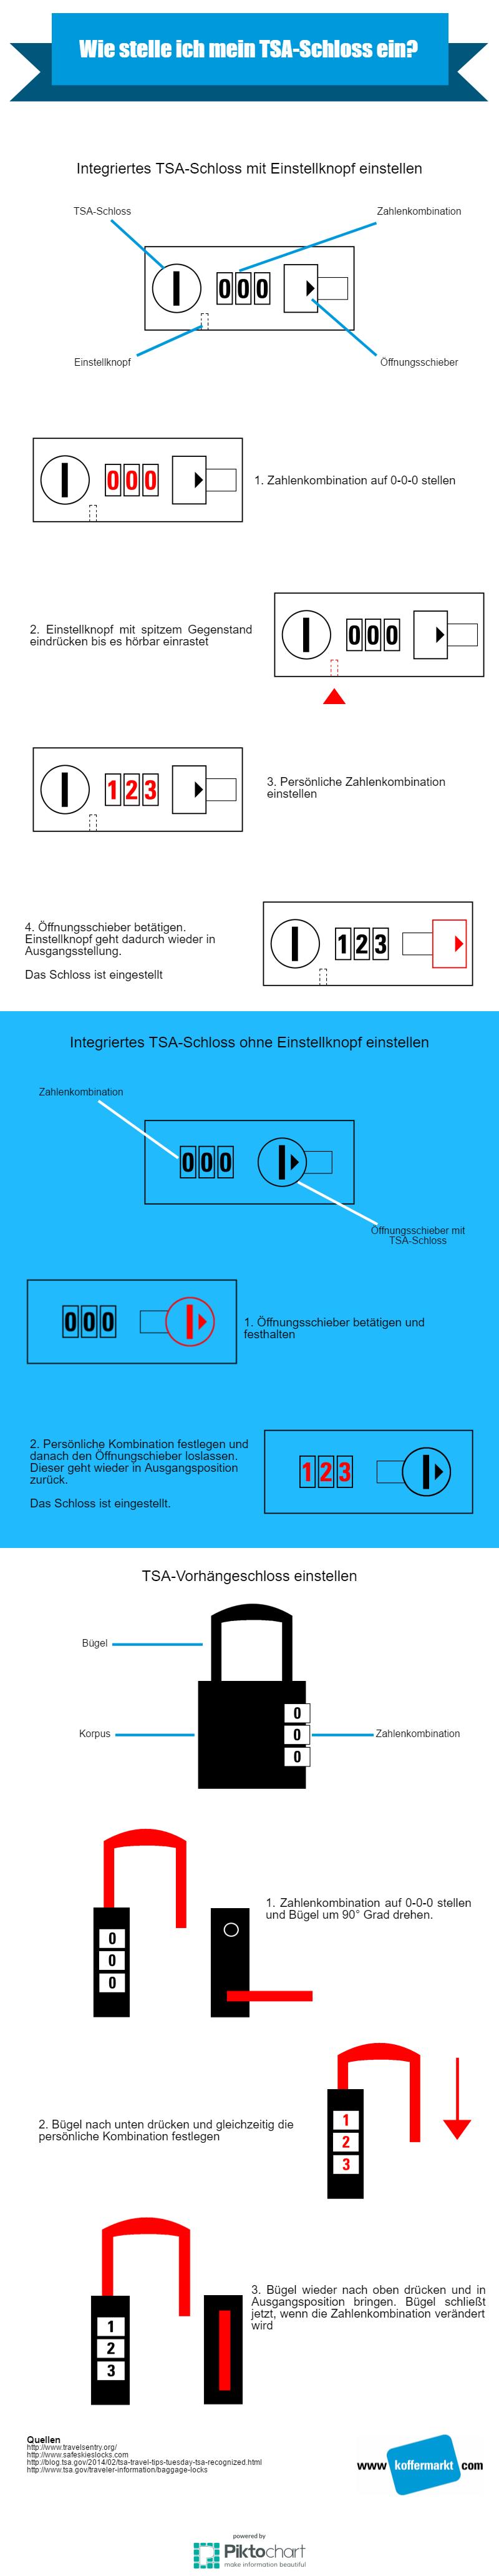 Beste Tsa Lebenslauf Beispiel Bilder - Entry Level Resume Vorlagen ...